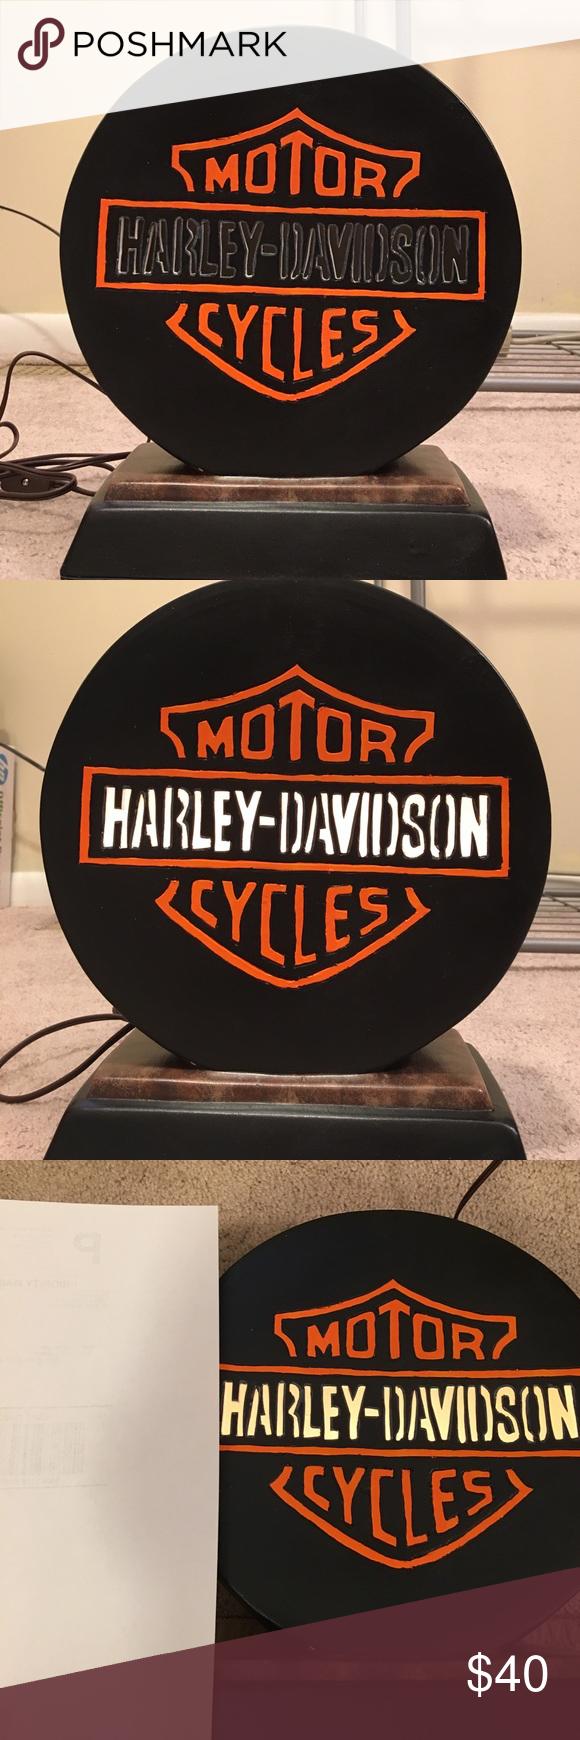 Great night lamps - Harley Davidson Ceramic Lamp Hand Made Ceramic Hd Lamp Great For A Night Lamp Or